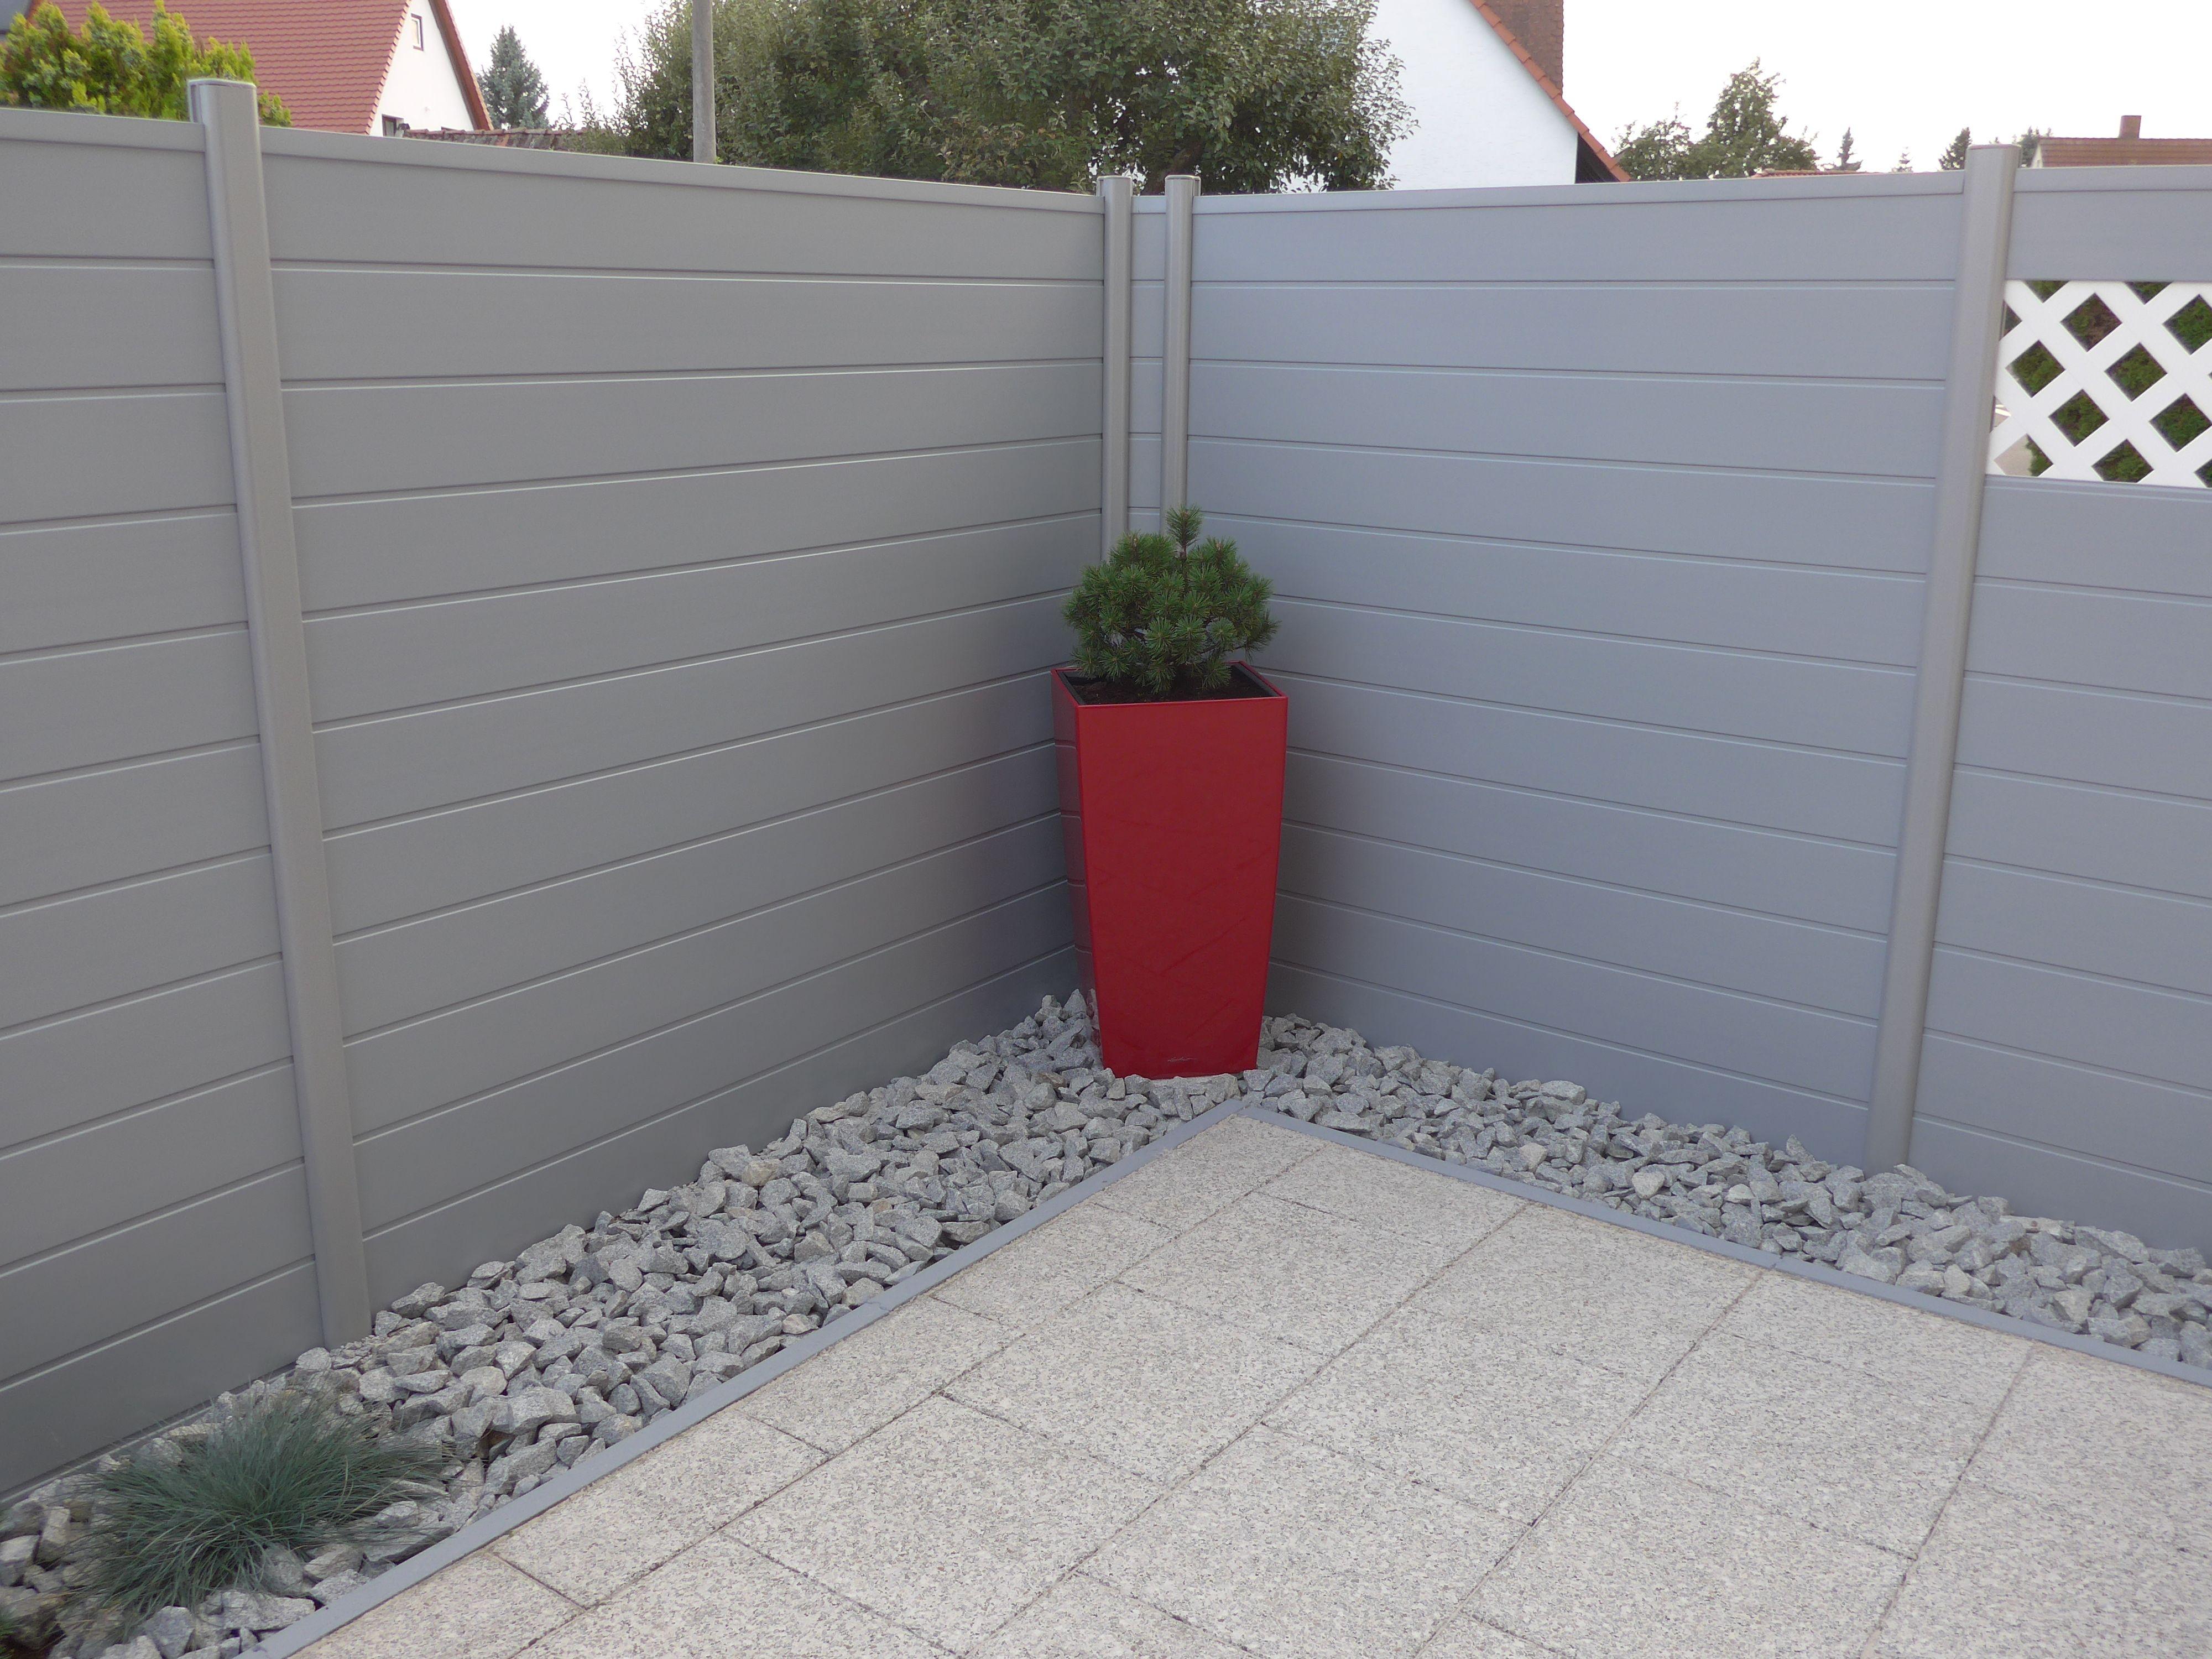 Pin Von Claudihall Auf Gardening In 2020 Sichtschutzzaun Zaun